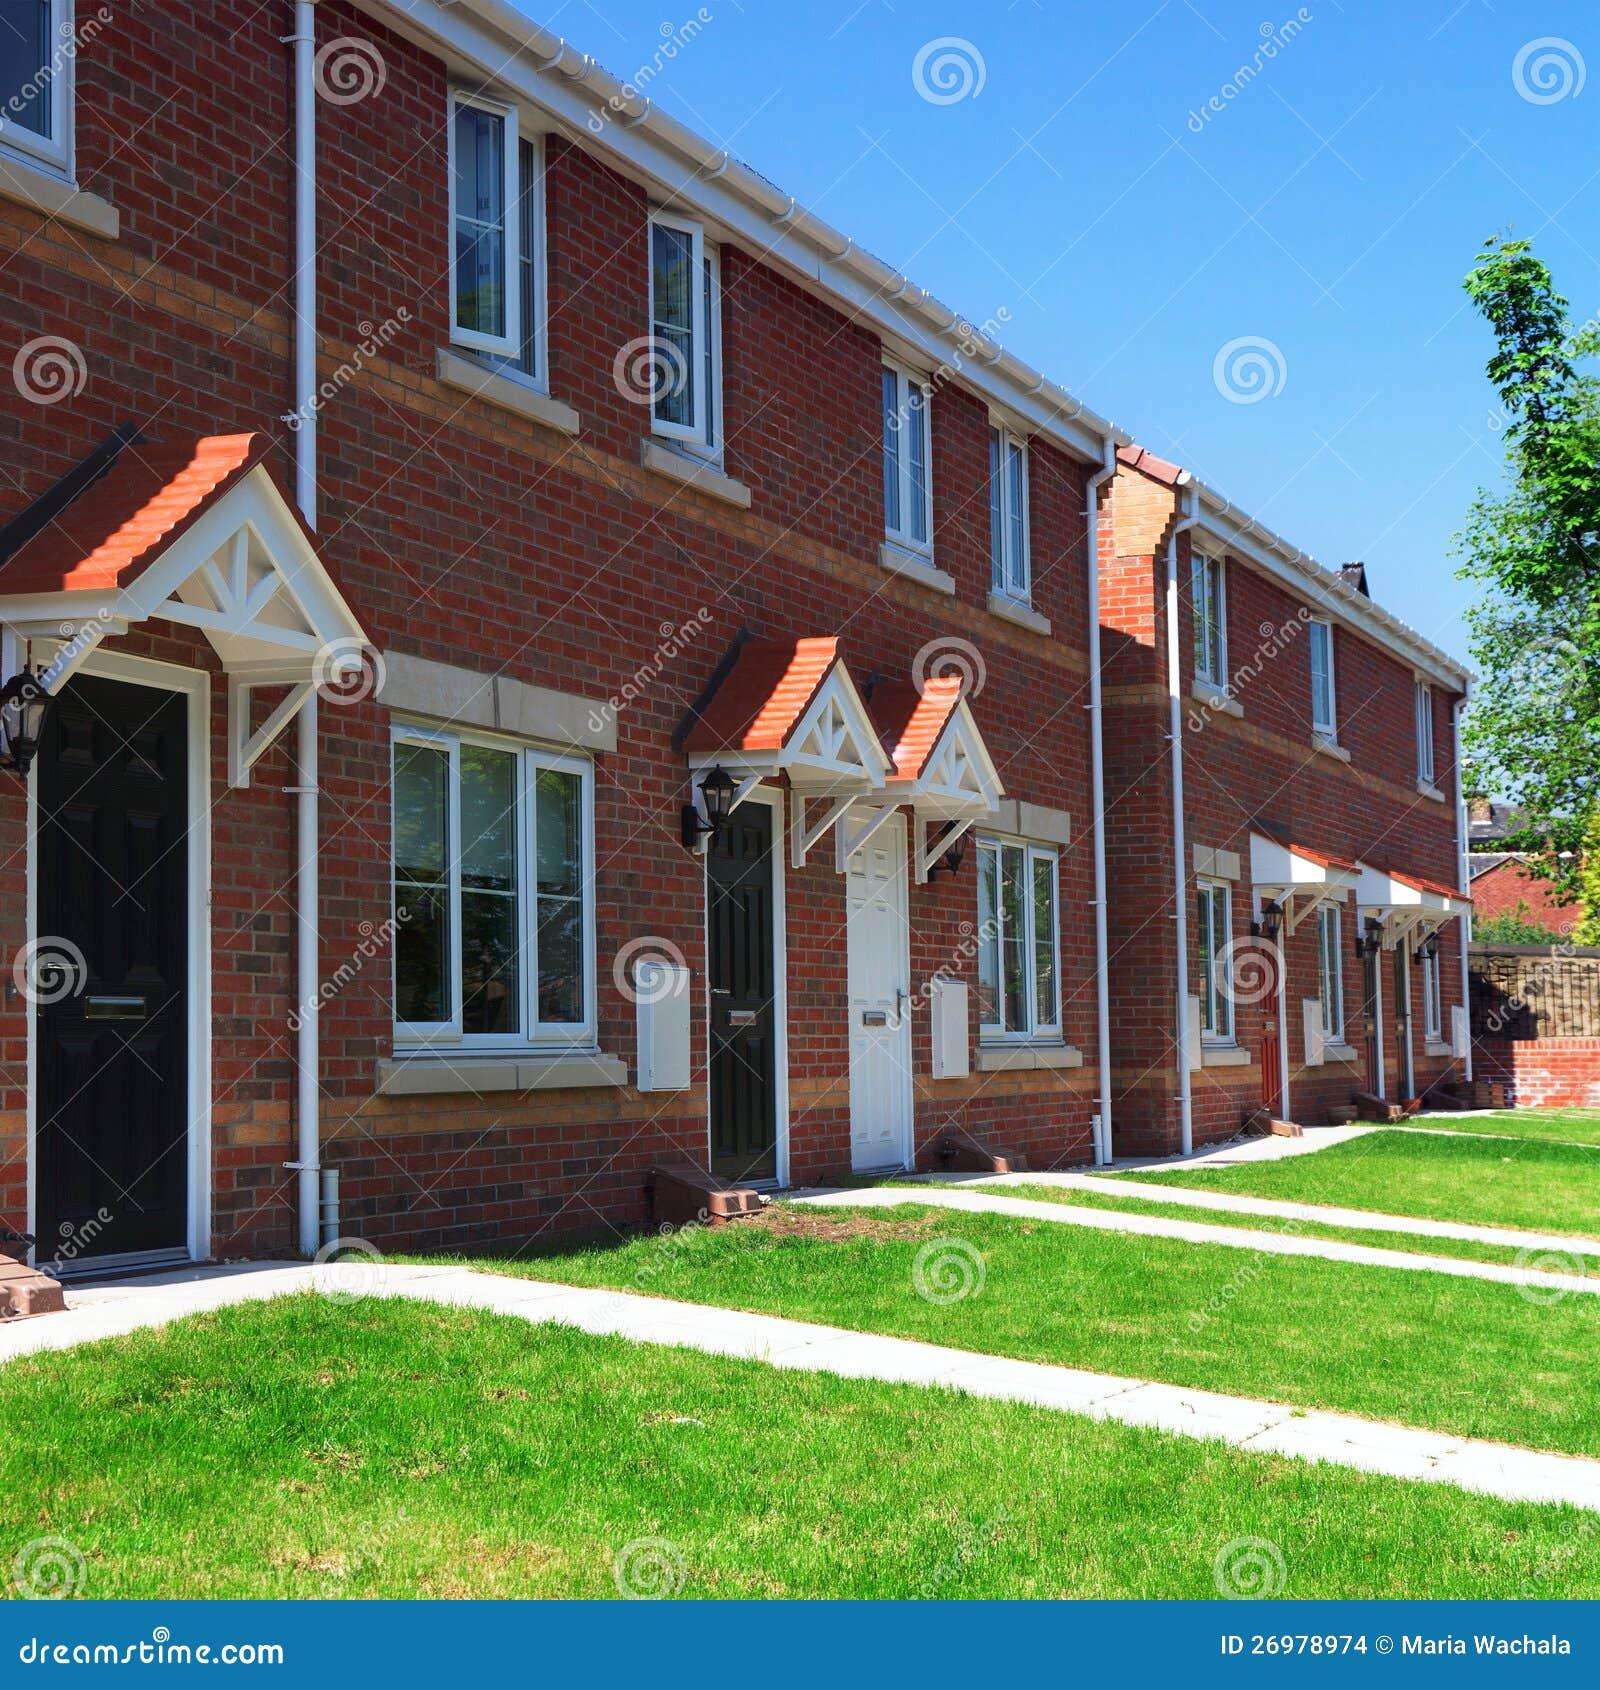 Casas inglesas modernas del ladrillo foto de archivo imagen de casero costoso 26978974 - Imagenes de casas inglesas ...